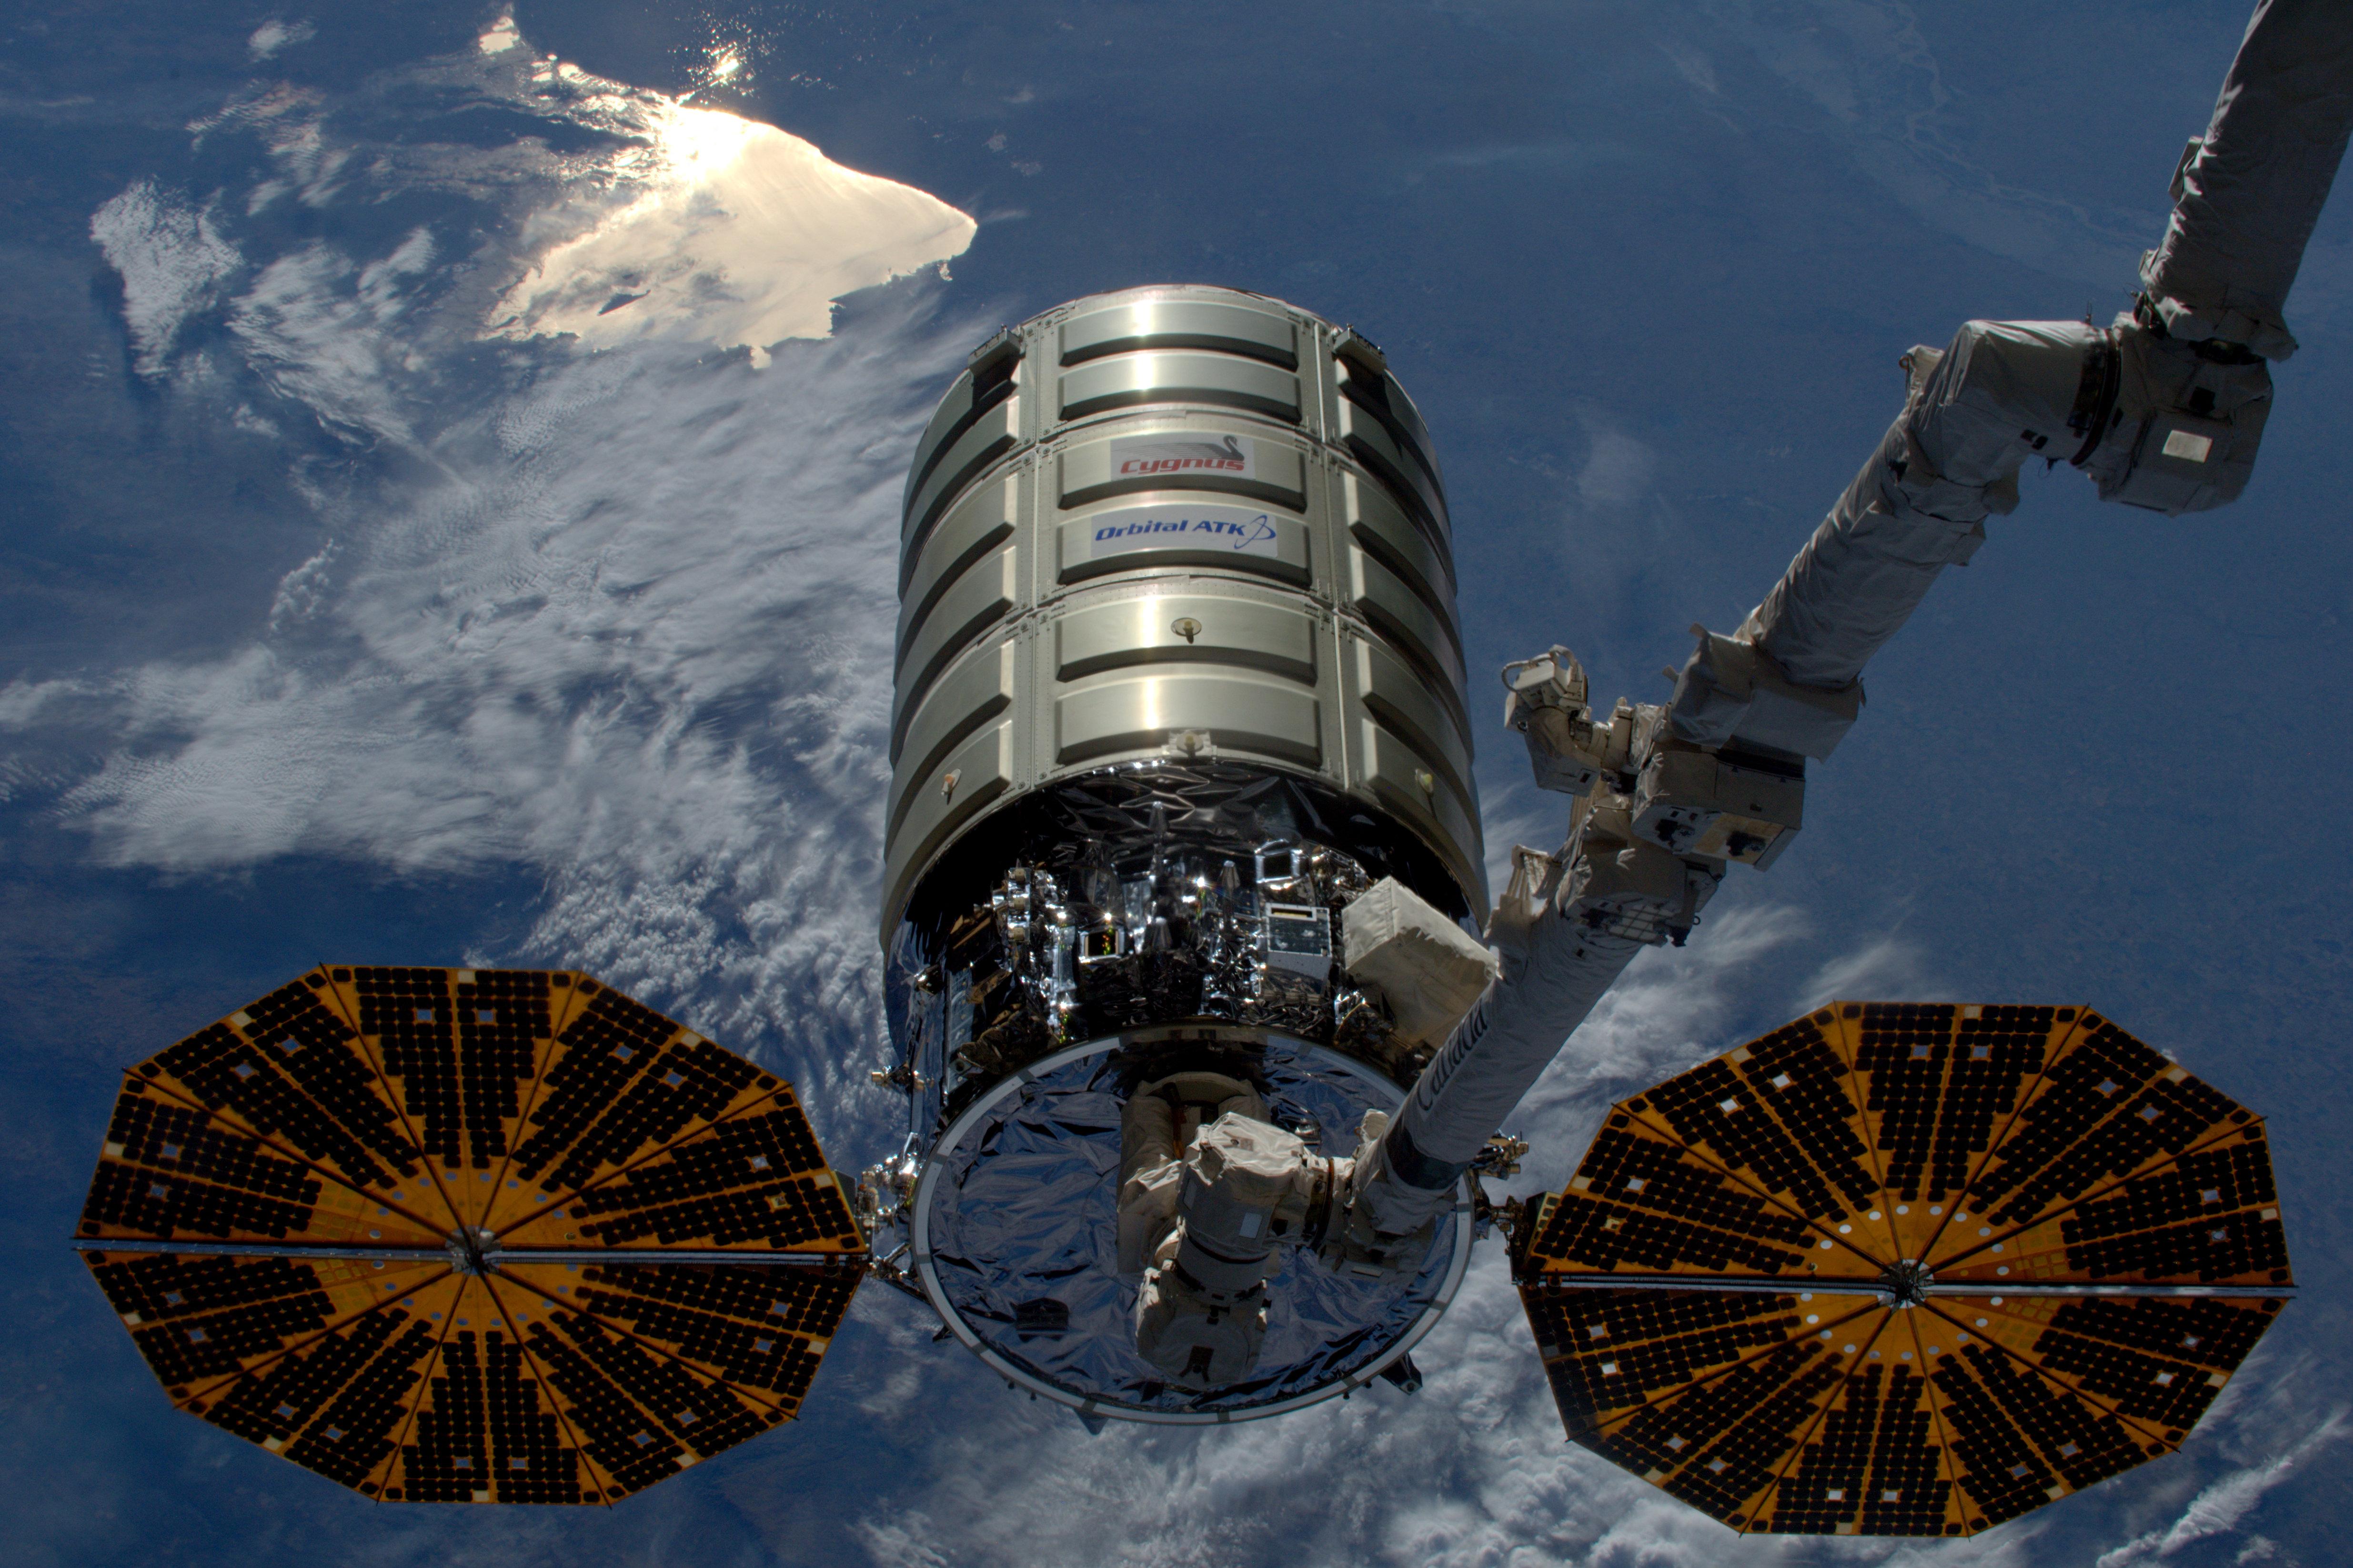 De National Aeronautics and Space Administration afgekort tot NASA is een onafhankelijk agentschap van de federale overheid in de Verenigde Staten dat